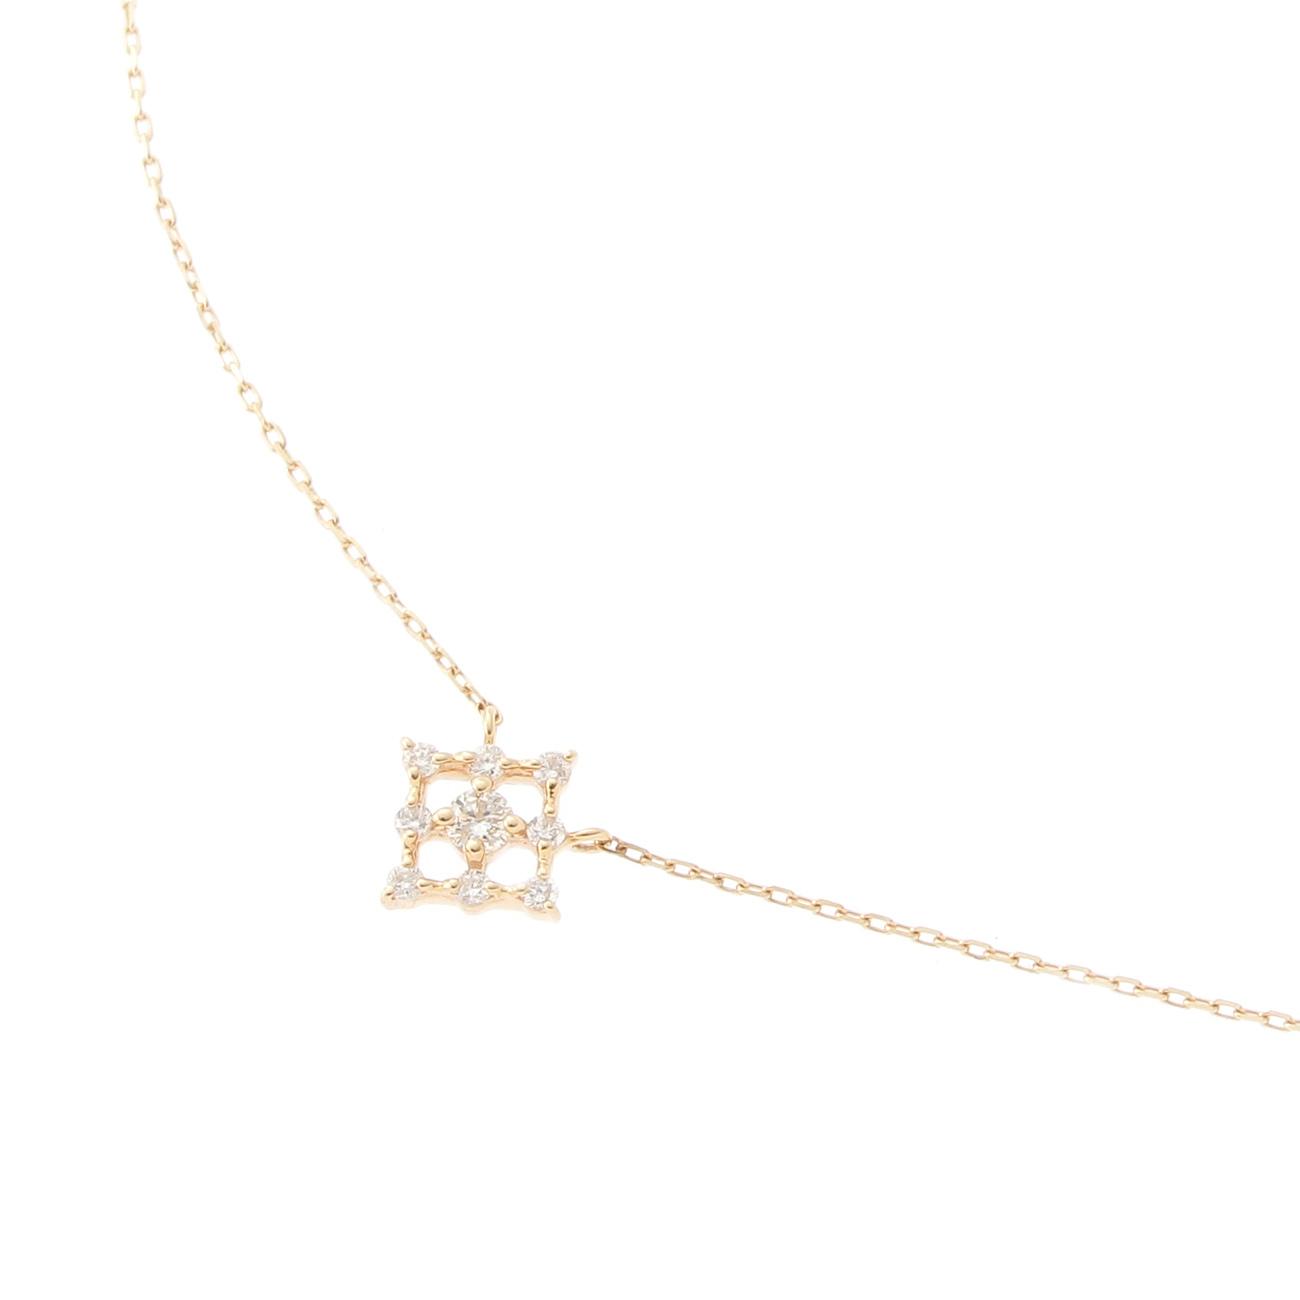 【COCOSHNIK (ココシュニック)】ダイヤモンド 透かし取巻きスクエア ネックレスレディース ジュエリー|ネックレス イエローゴールド